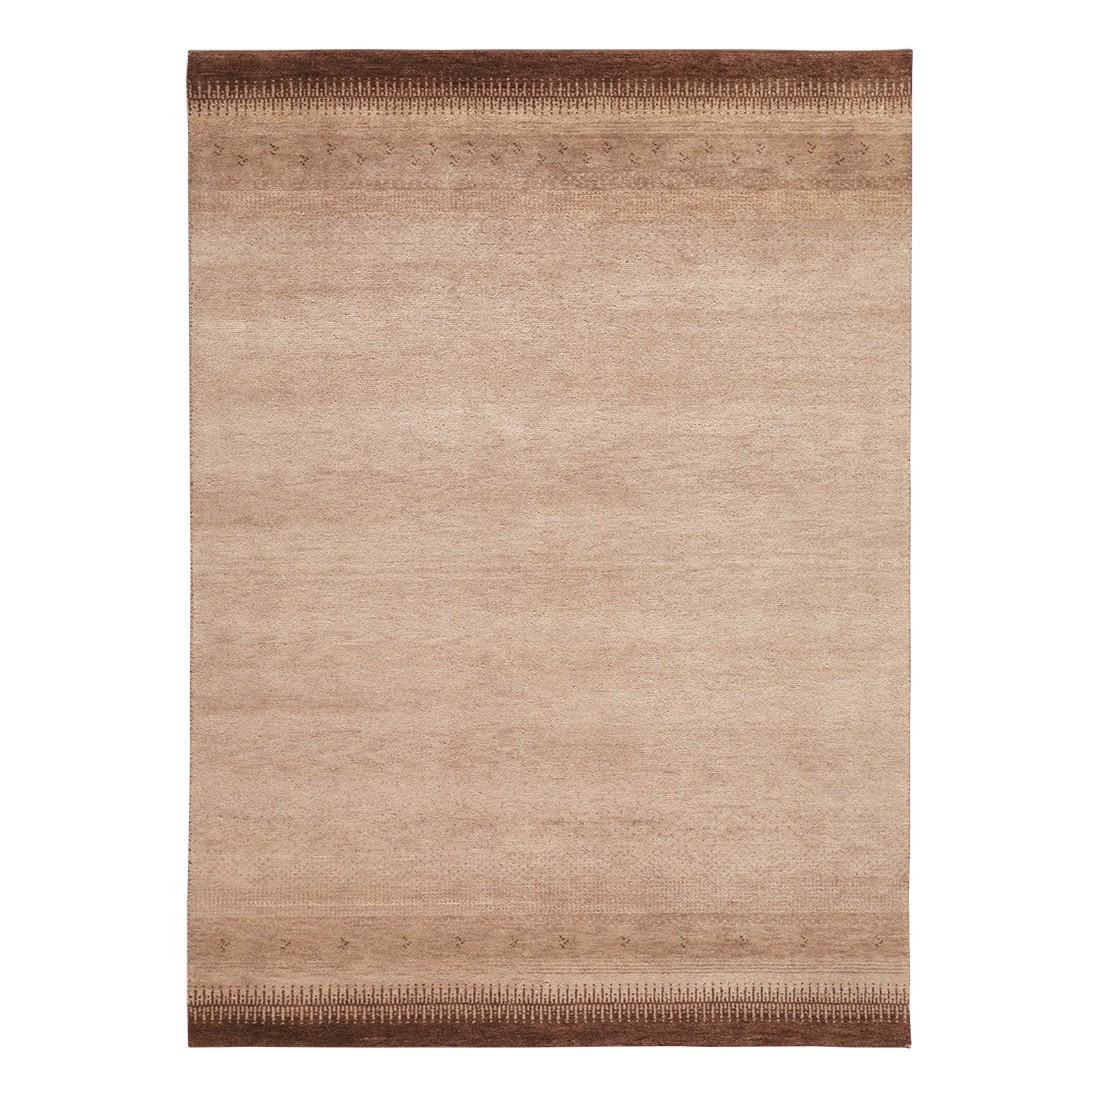 Teppich-Indo Gabbeh Vizianagaram – Braun – 120 x 180 cm, Parwis bestellen